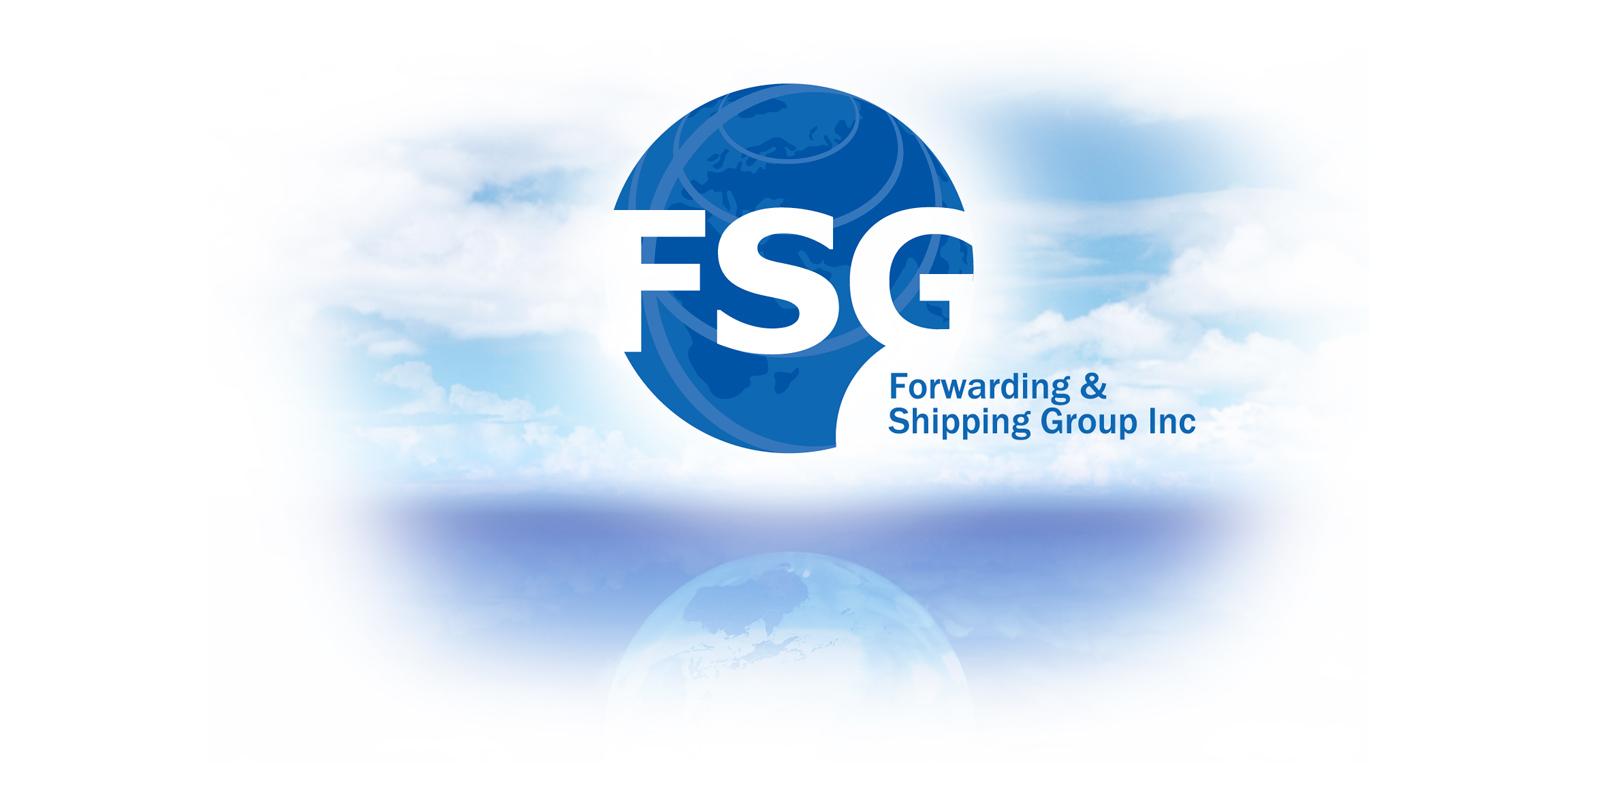 Компания «Forwarding & Shipping Group»;;;;;;Логотип и торговый знак (организация сотрудничества с Китаем);;;;;;<span>Клиент:</span> Корпорация «Алеф»;;;;;;;;;;;;Логотип и торговый знак (организация сотрудничества с Китаем);;;;;;1